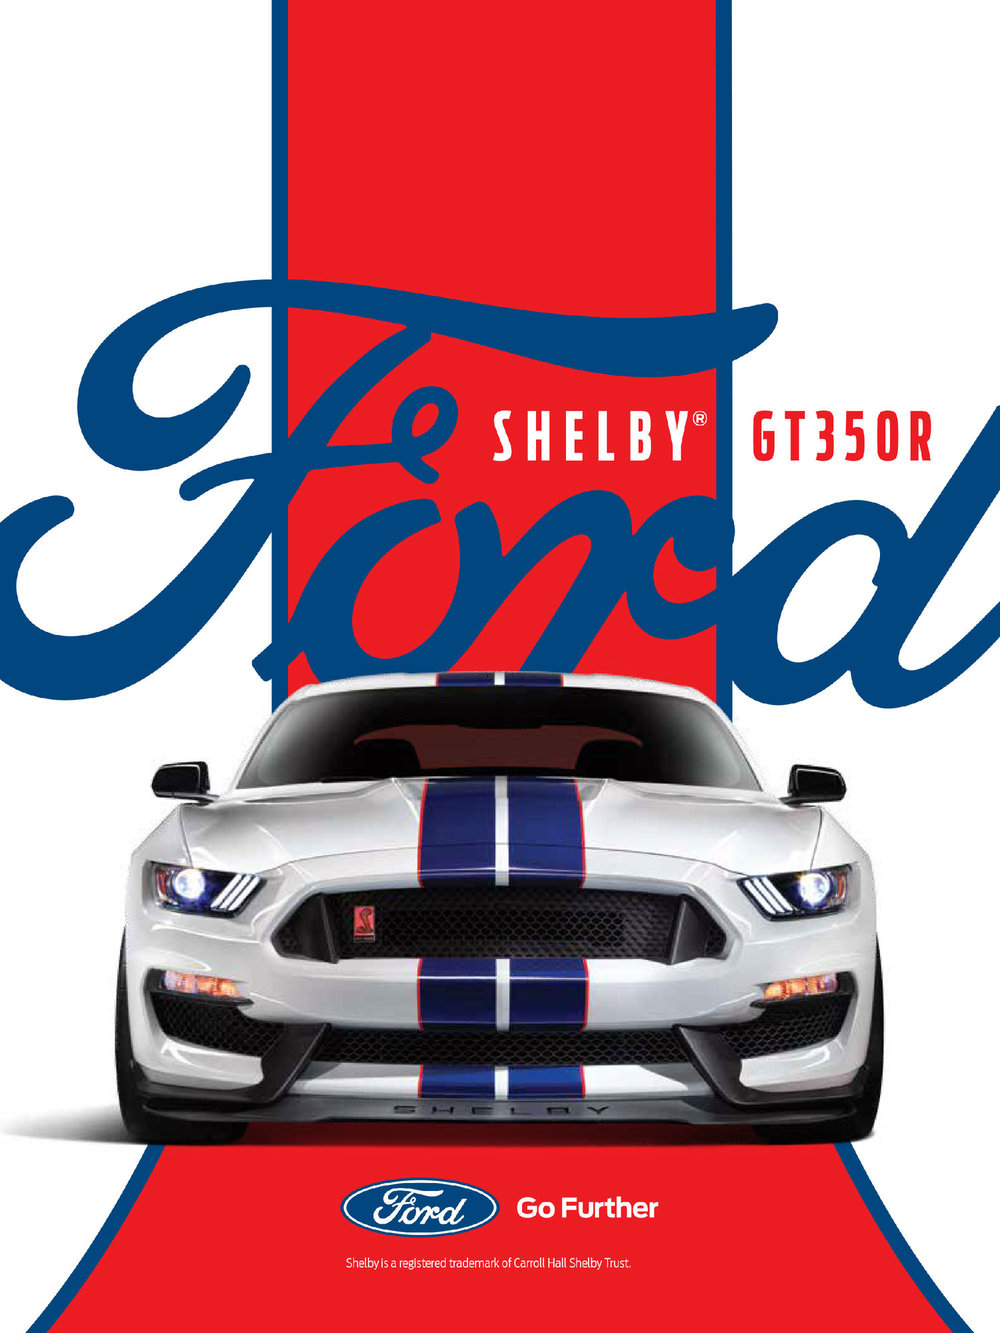 FCAR08488_FMMG4288000_Shelby_CPg_R02.jpg